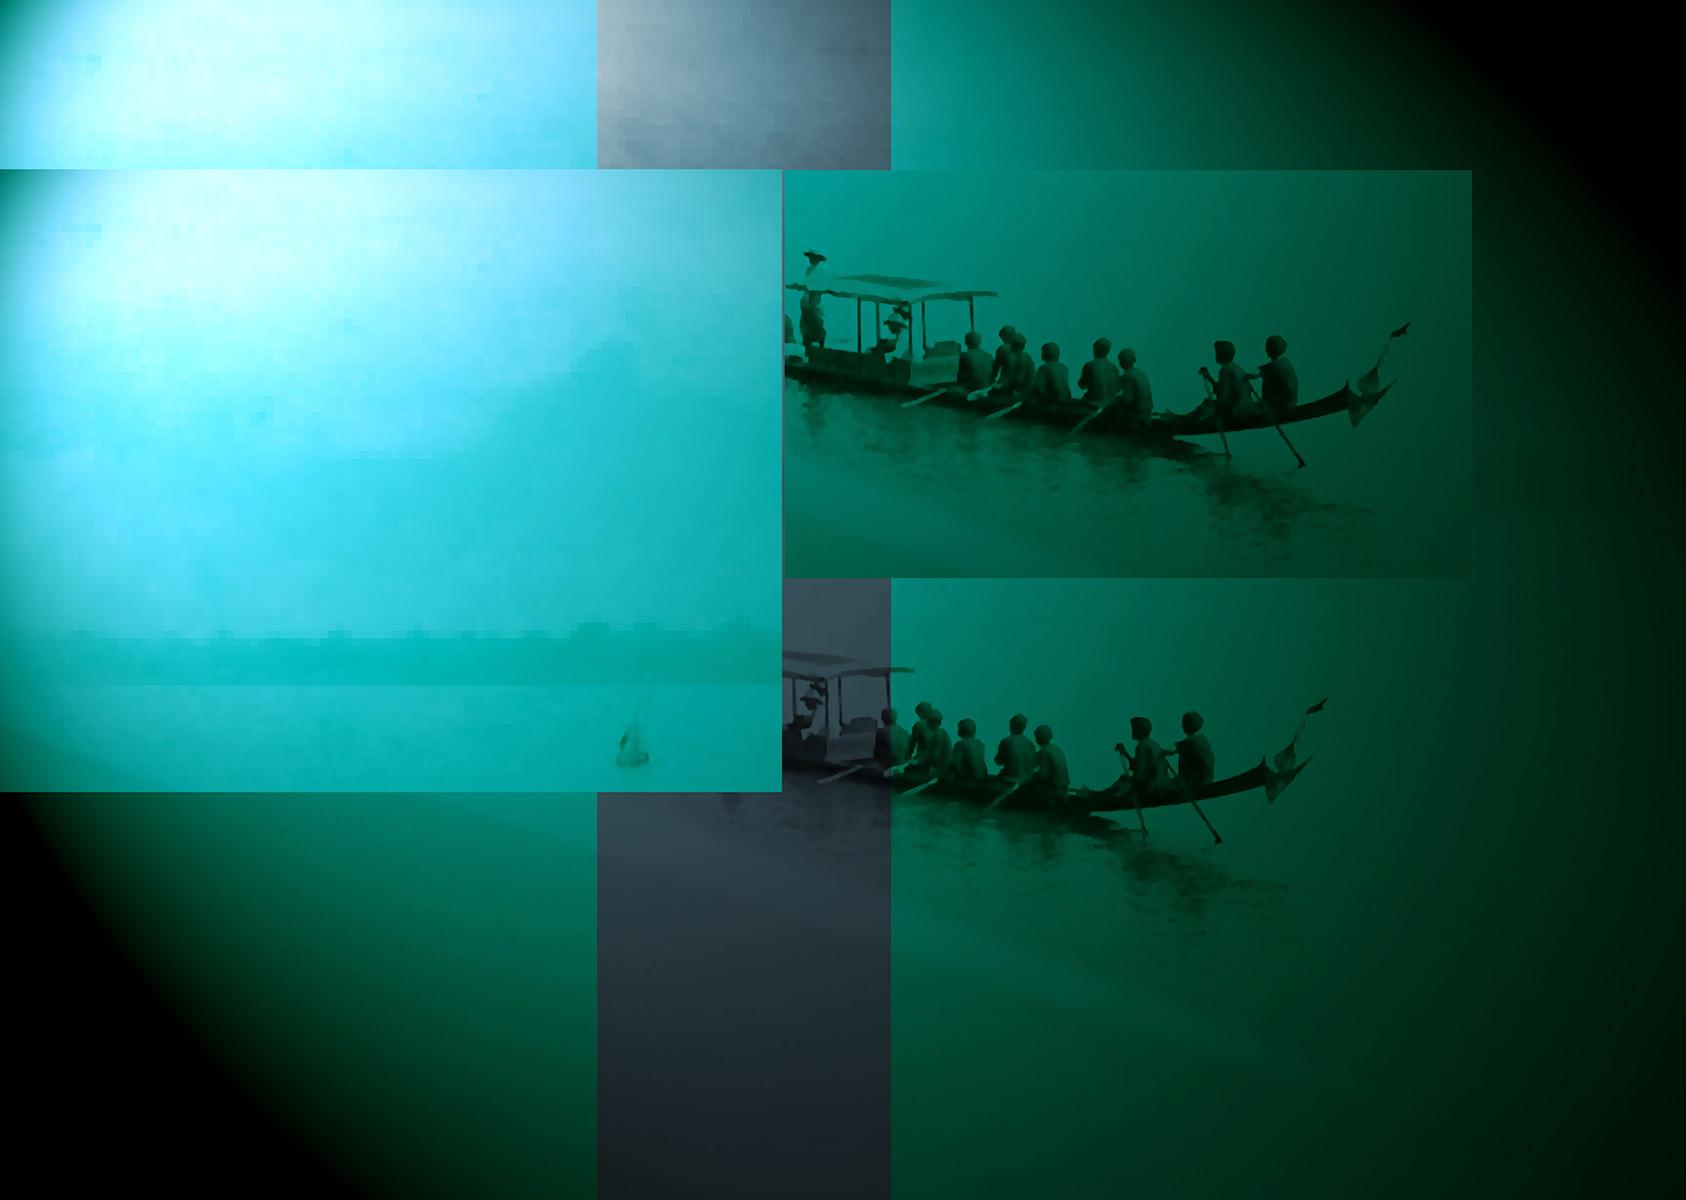 Chula mekong river